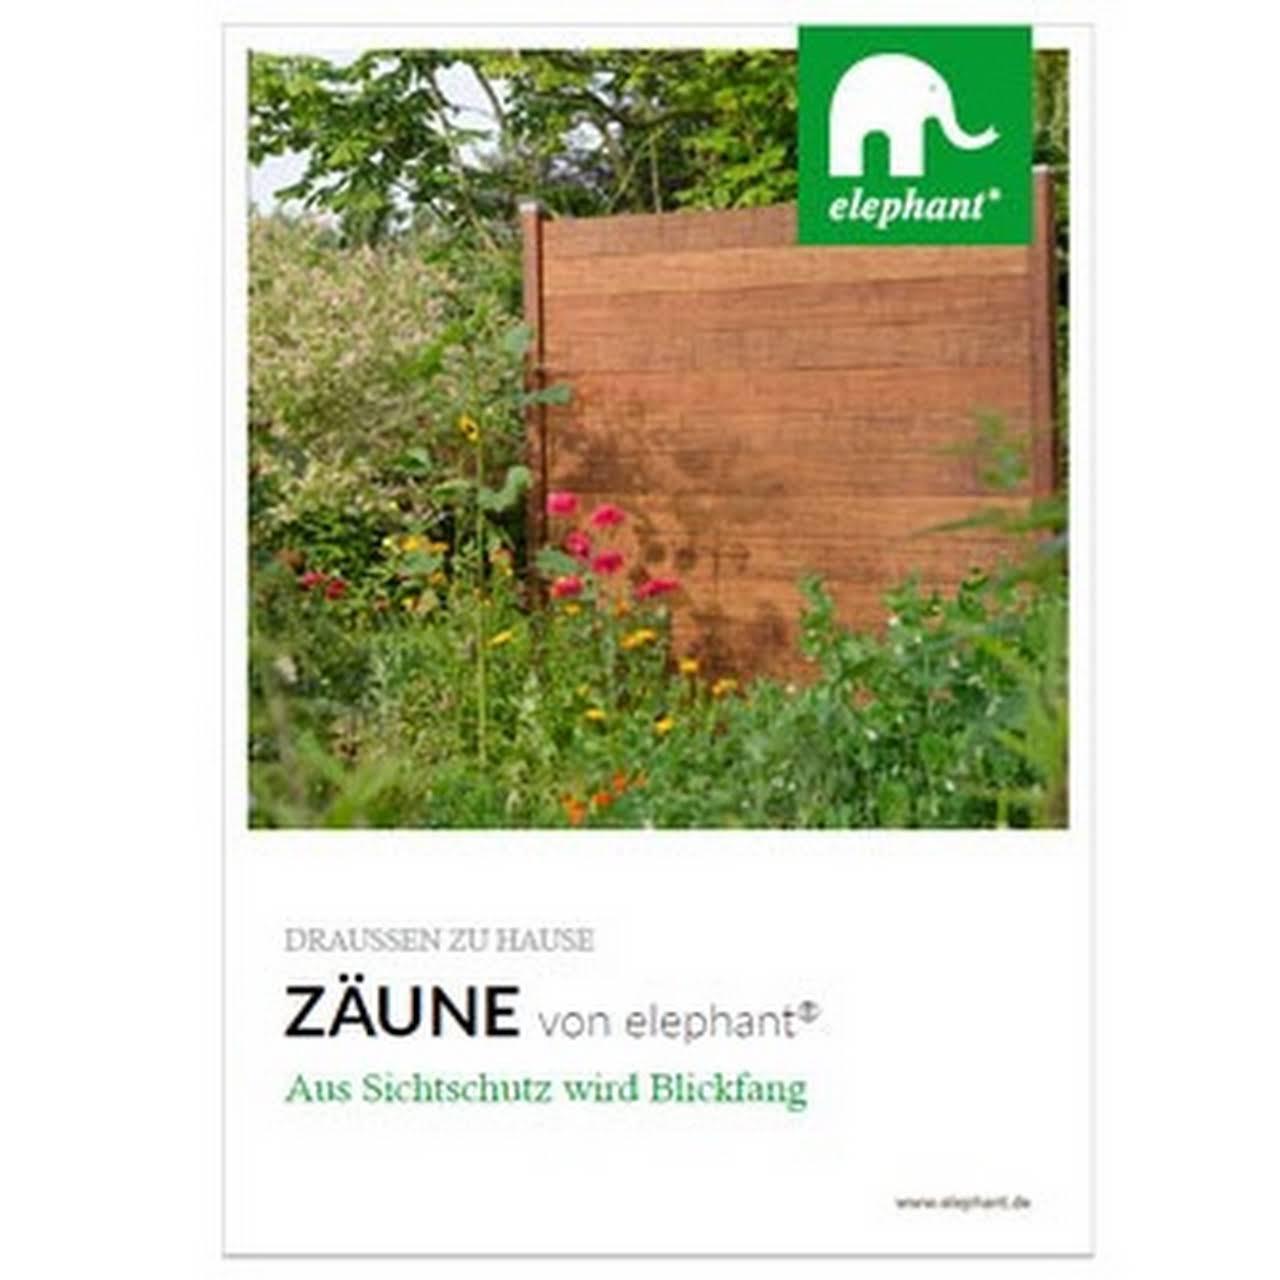 Elephant Zn Der Klopferholz Gmbh Co Kg Terrassen Zaune